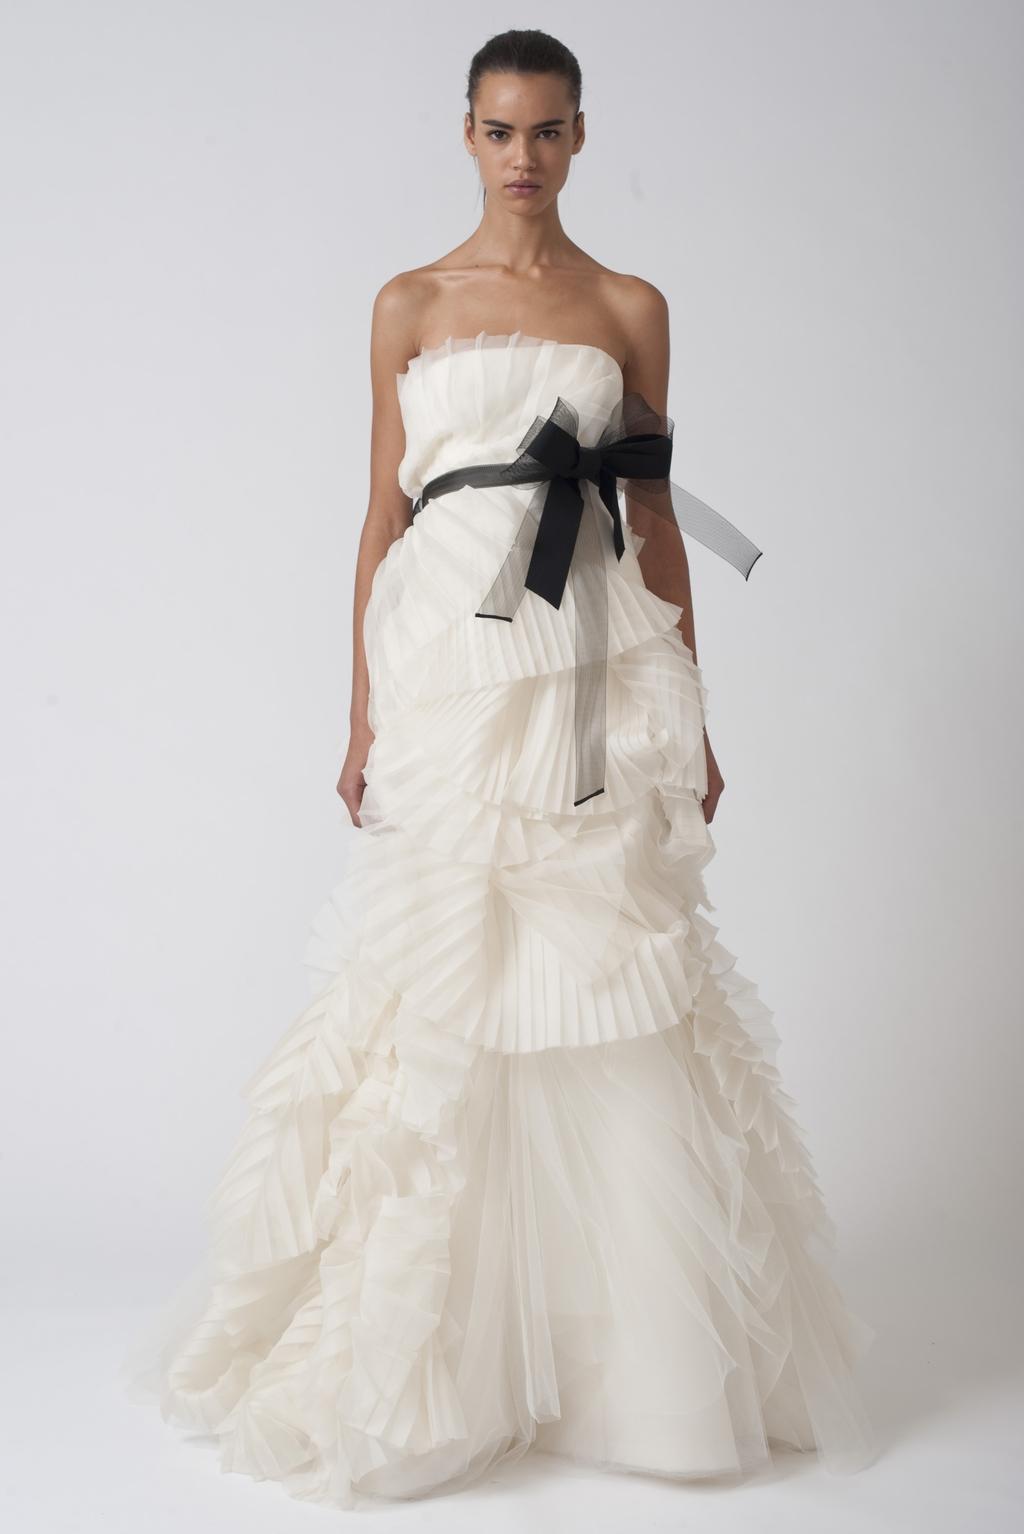 Vera-wang-wedding-dresses-fall-2010-4.full